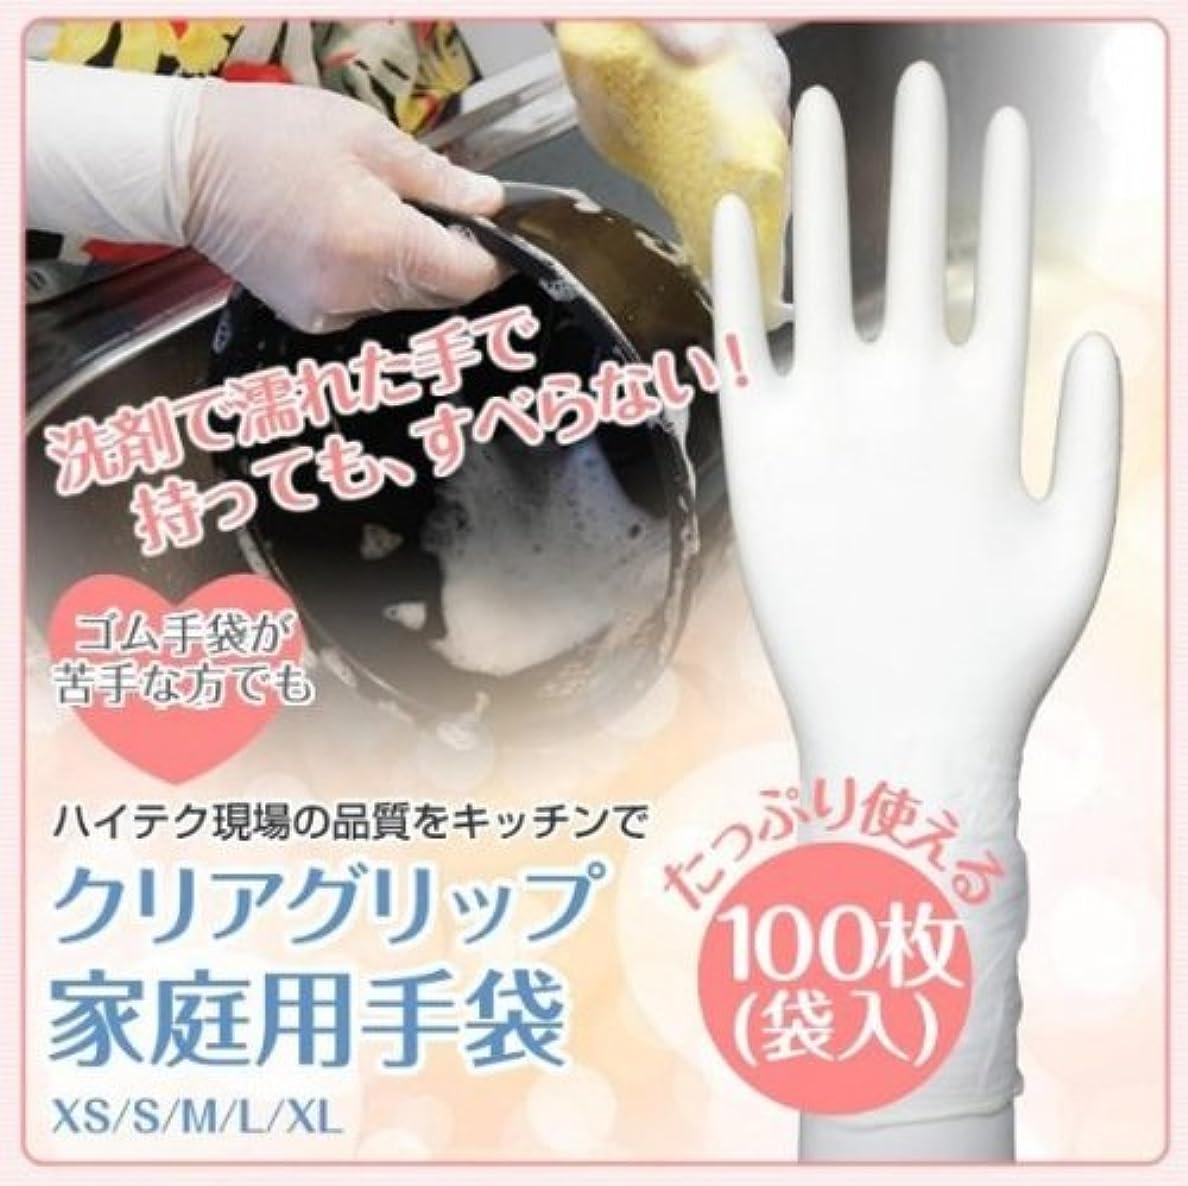 複製ダイアクリティカル石化する三高サプライ ニトリル手袋 クラス100 クリアグリップ ロング(半透明) GN09 100枚入り XS